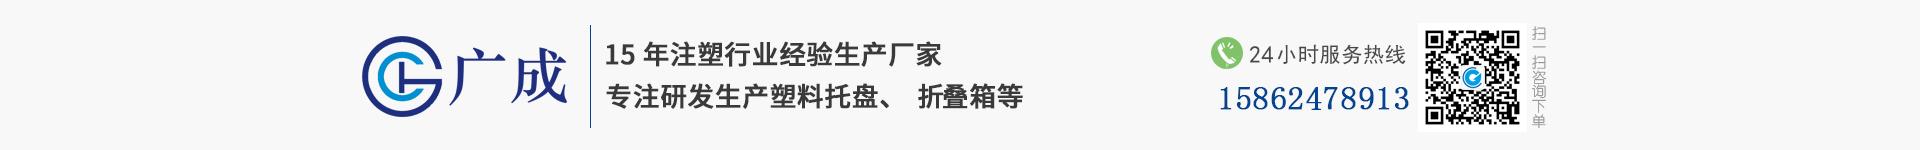 苏州广成塑料制品有限公司宣传语